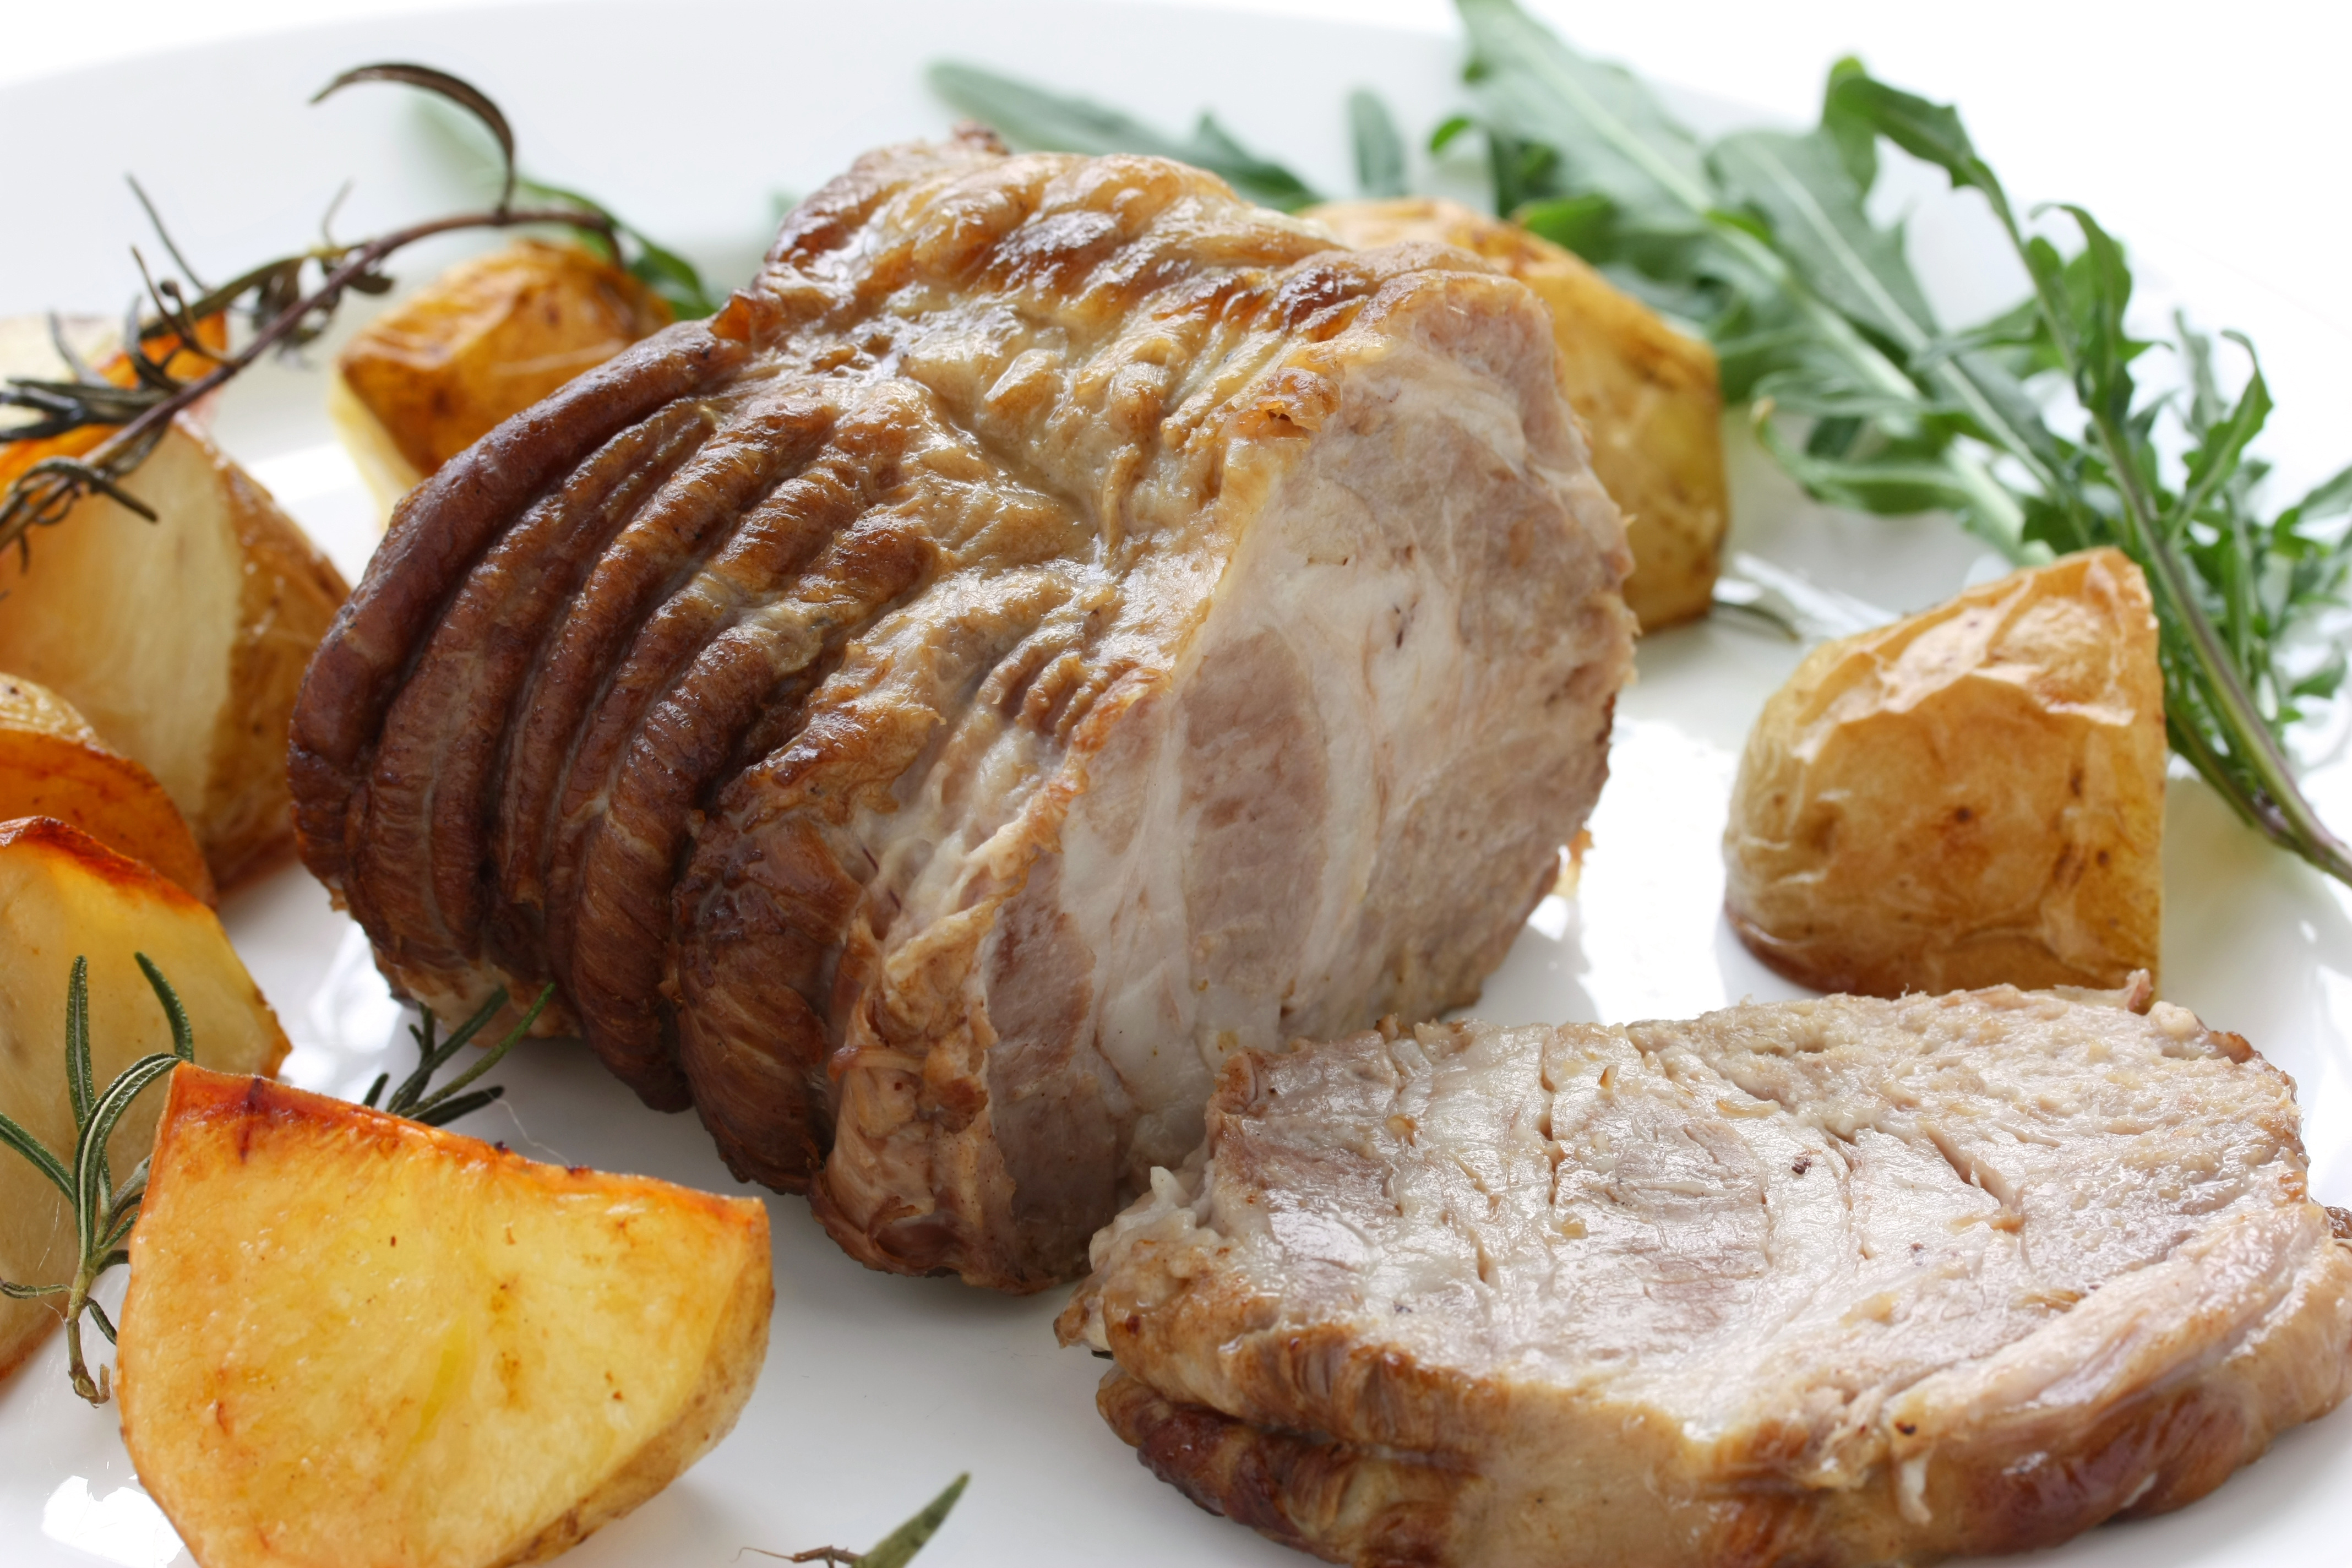 картинки запеченного мяса дуня